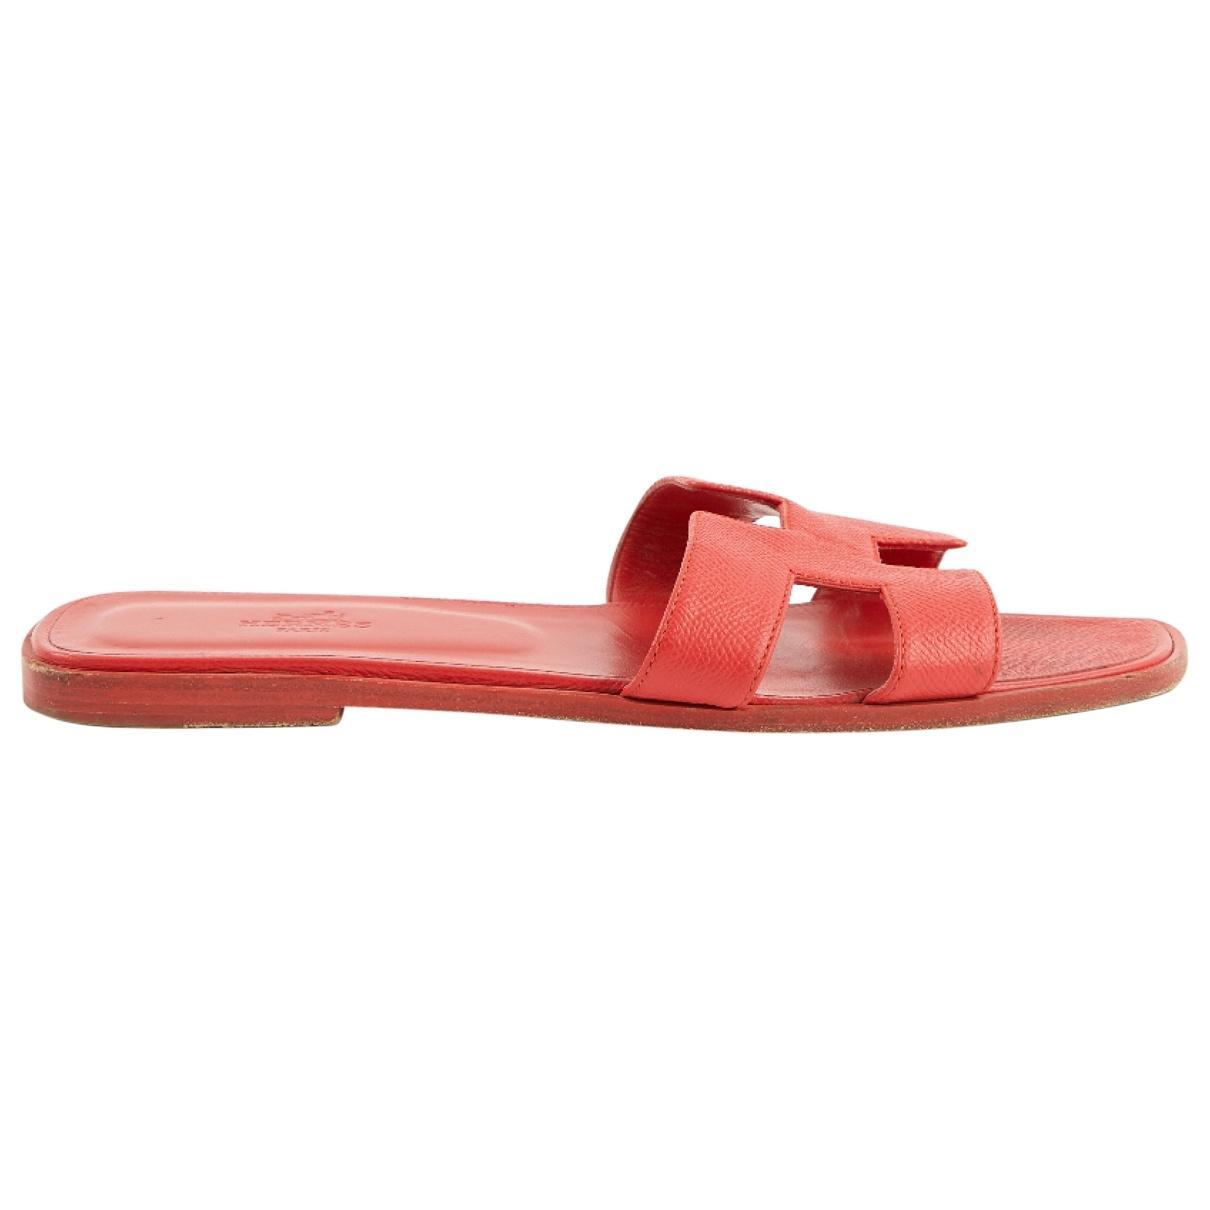 d2a3164c83a1 Hermès Oran Leather Sandals in Red - Lyst